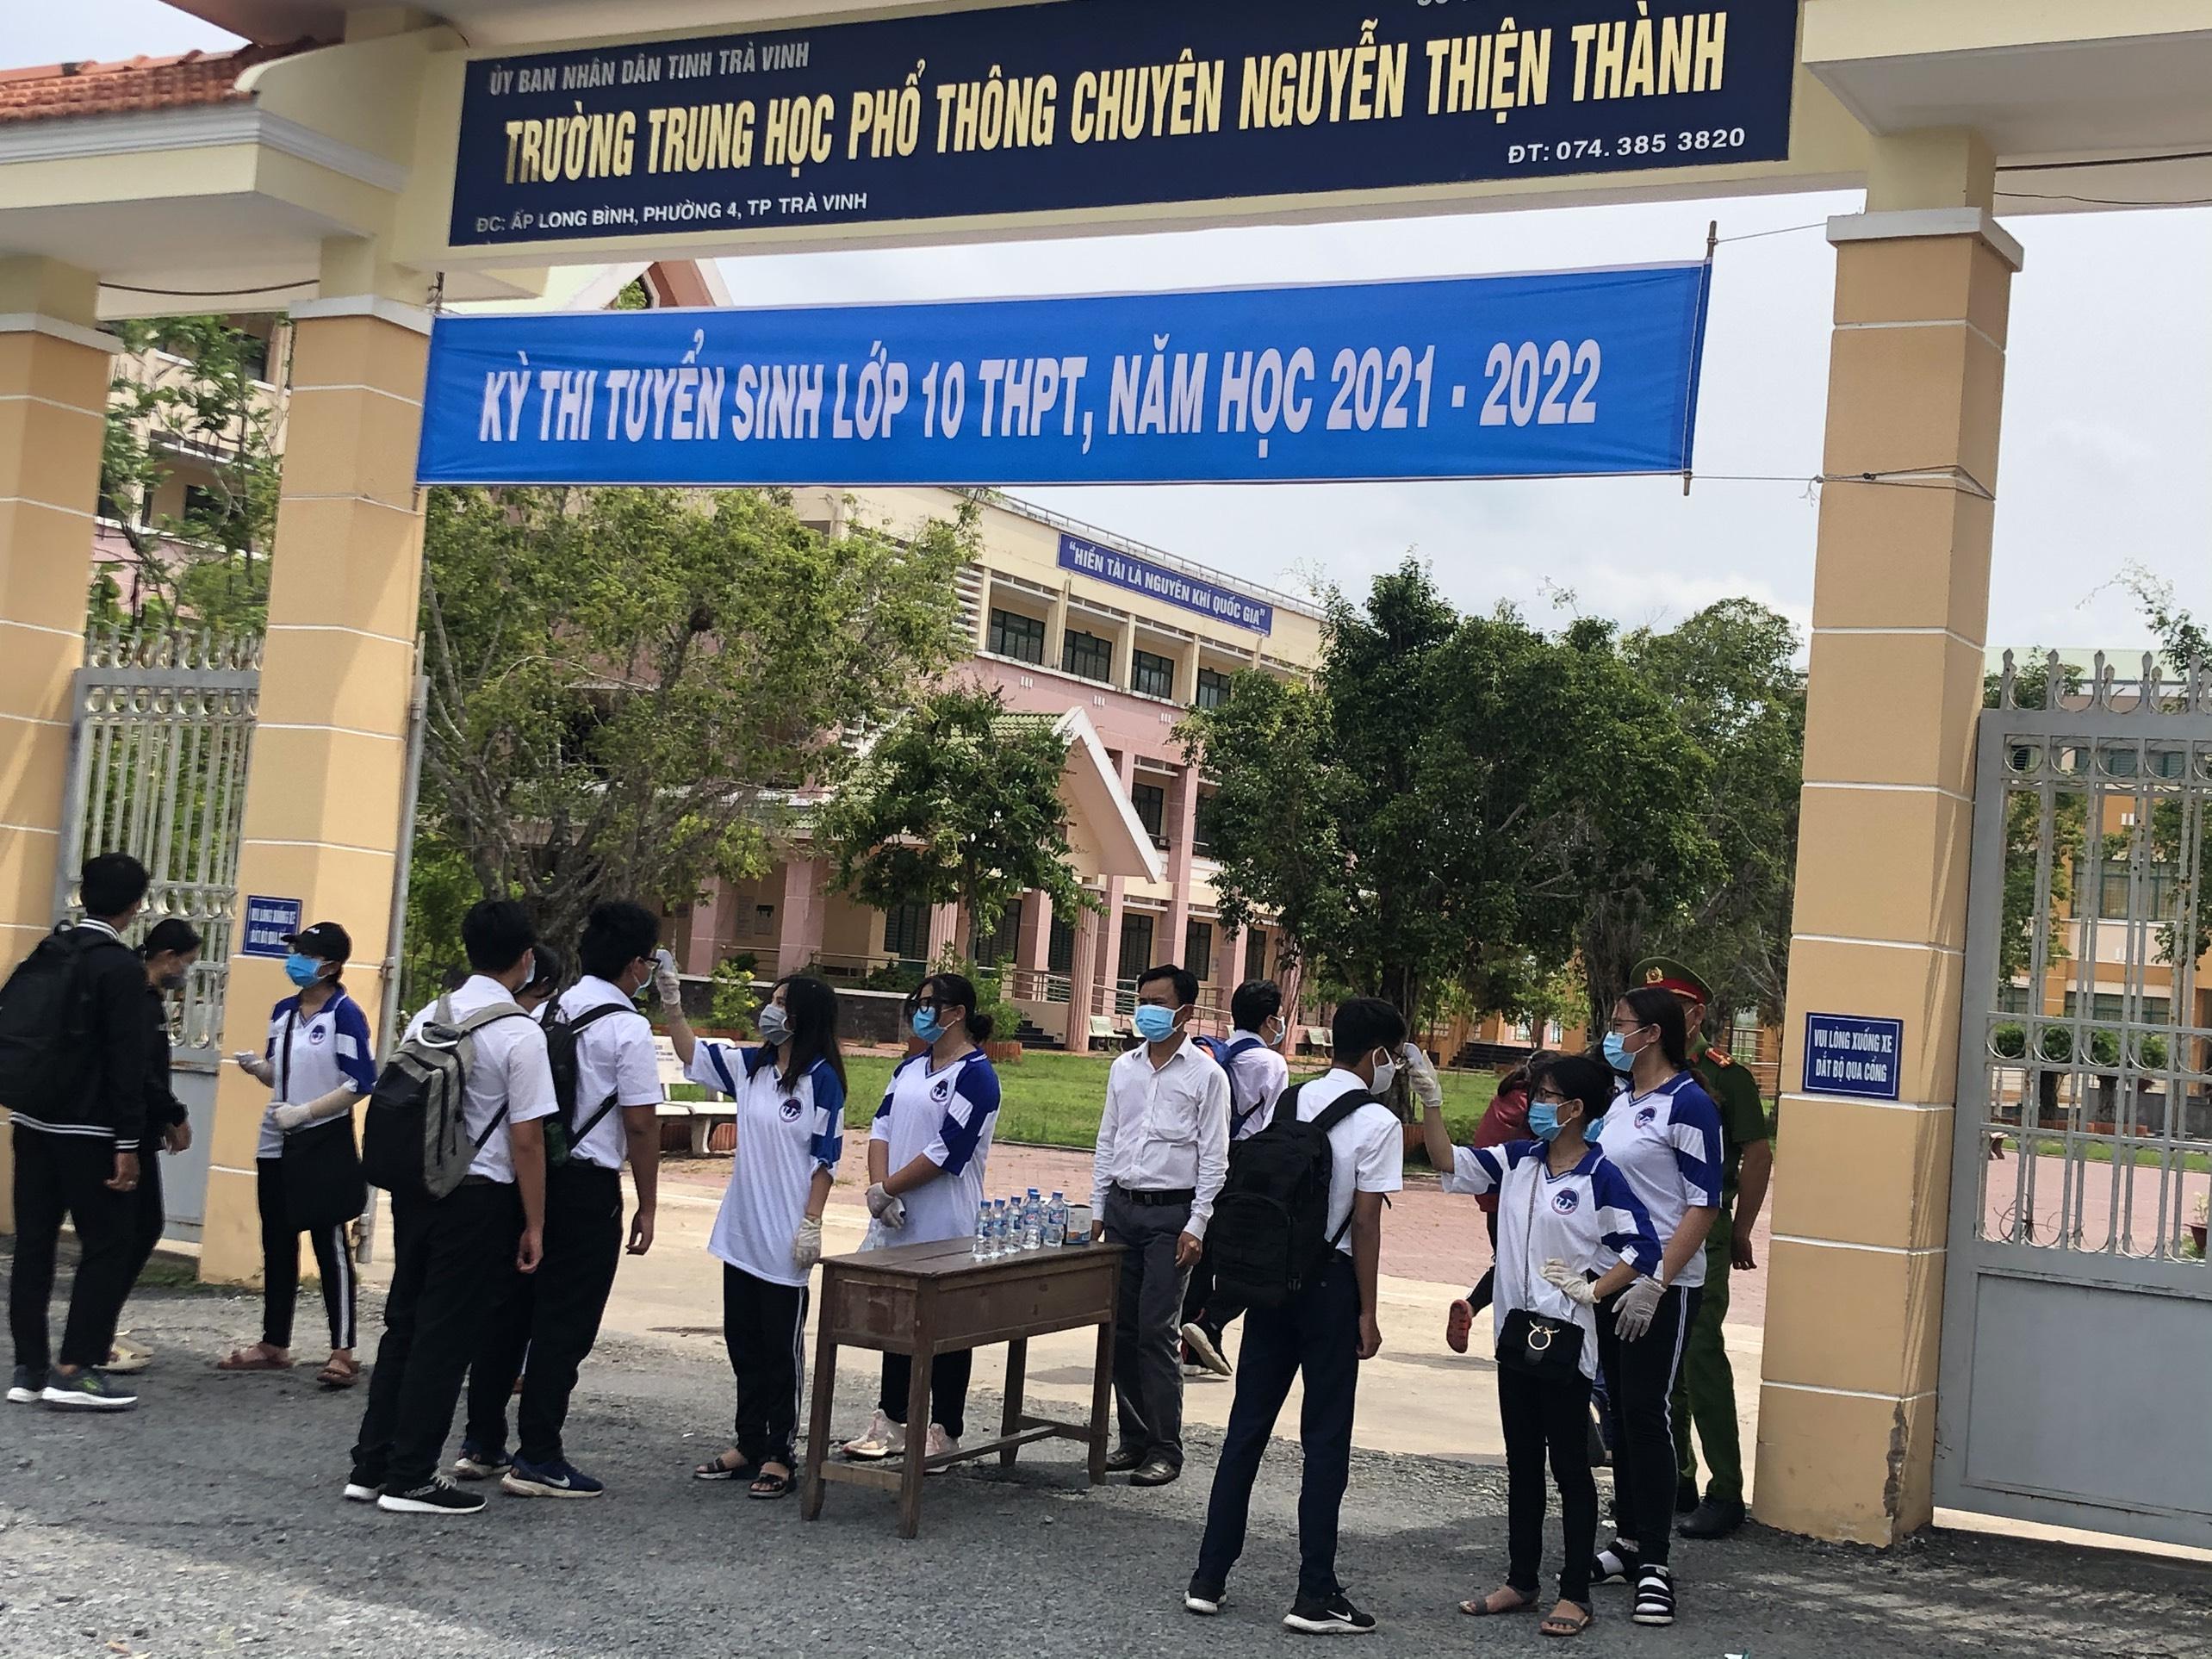 Trà Vinh tổ chức Kỳ thi tuyển sinh lớp 10 năm học 2021-2022